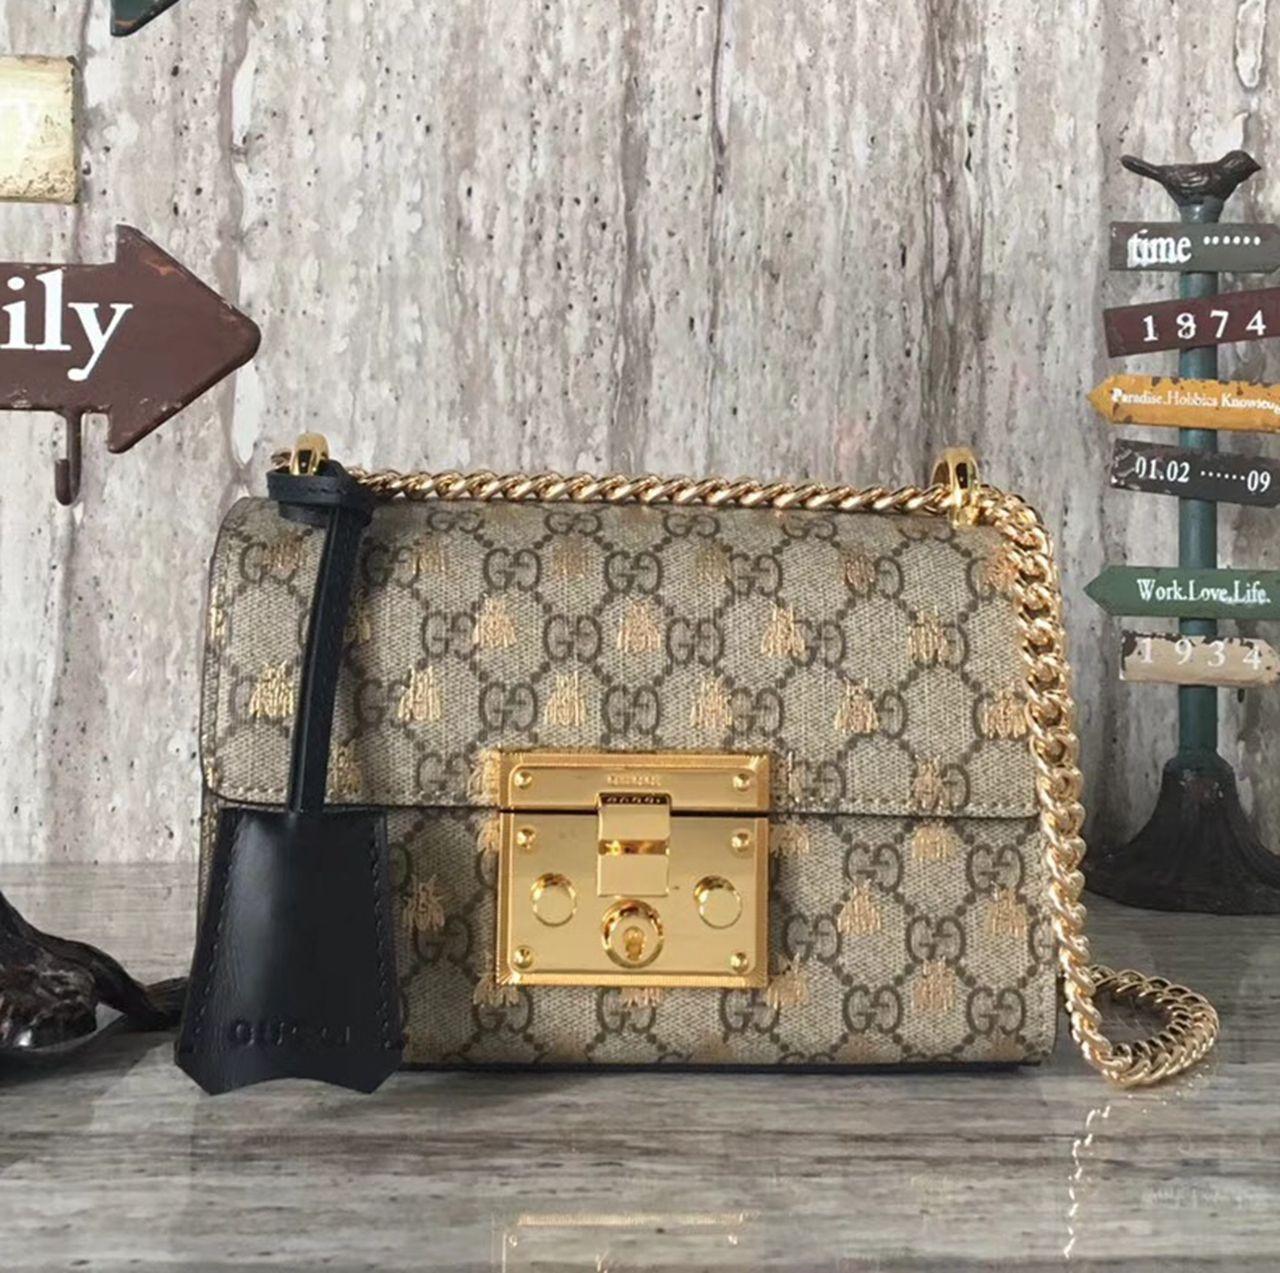 b2bbd4124c45 Gucci Padlock Small GG Bees Shoulder Bag 409487 2018 | Gucci 2018 ...